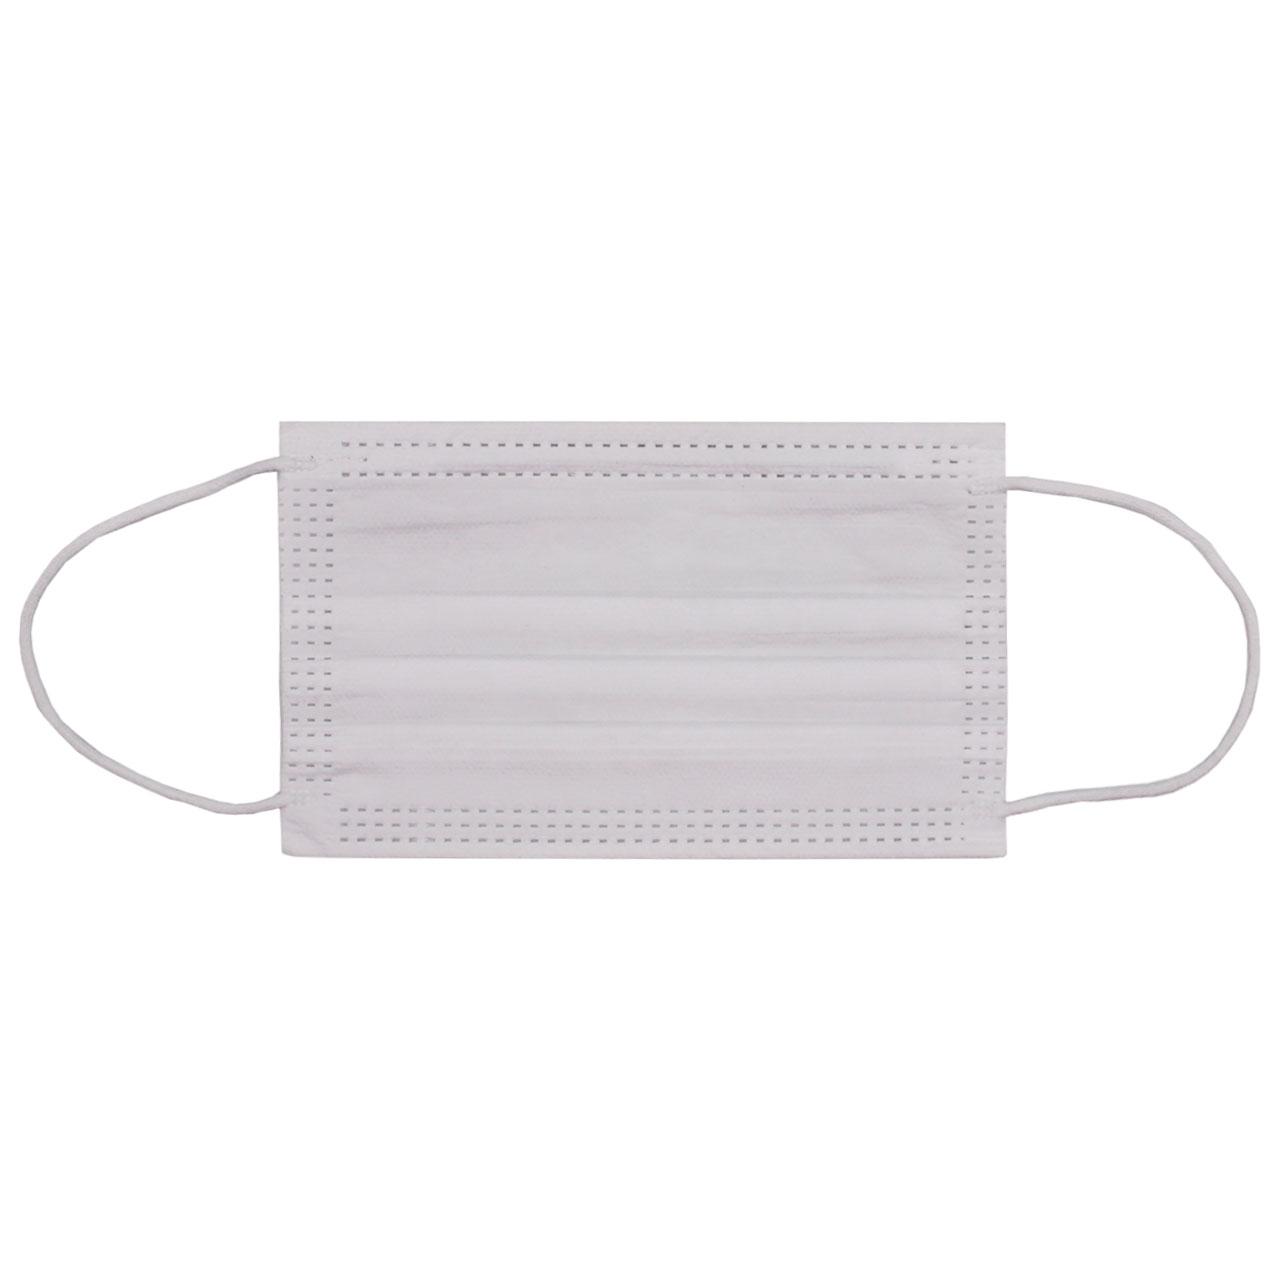 ماسک تنفسی بهسا مدل سه لایه BSA-50-Ww بسته 50 عددی